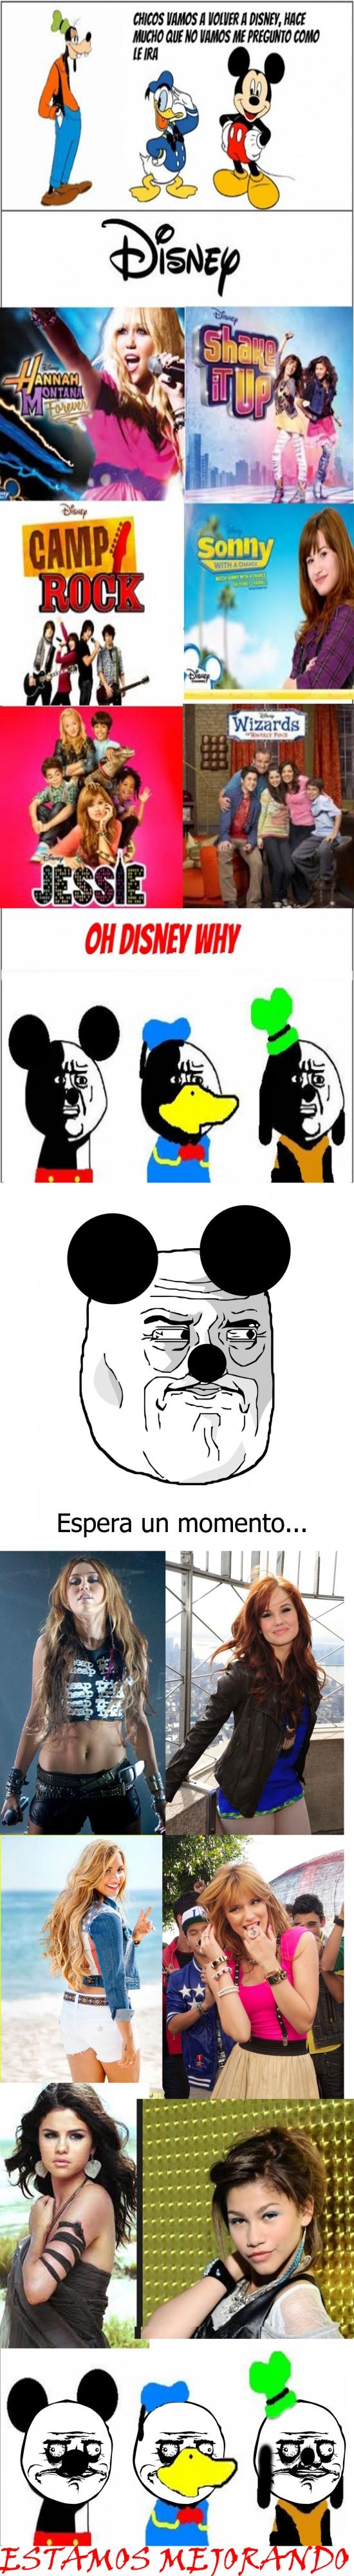 Me_gusta - Cada día, Disney, mola más